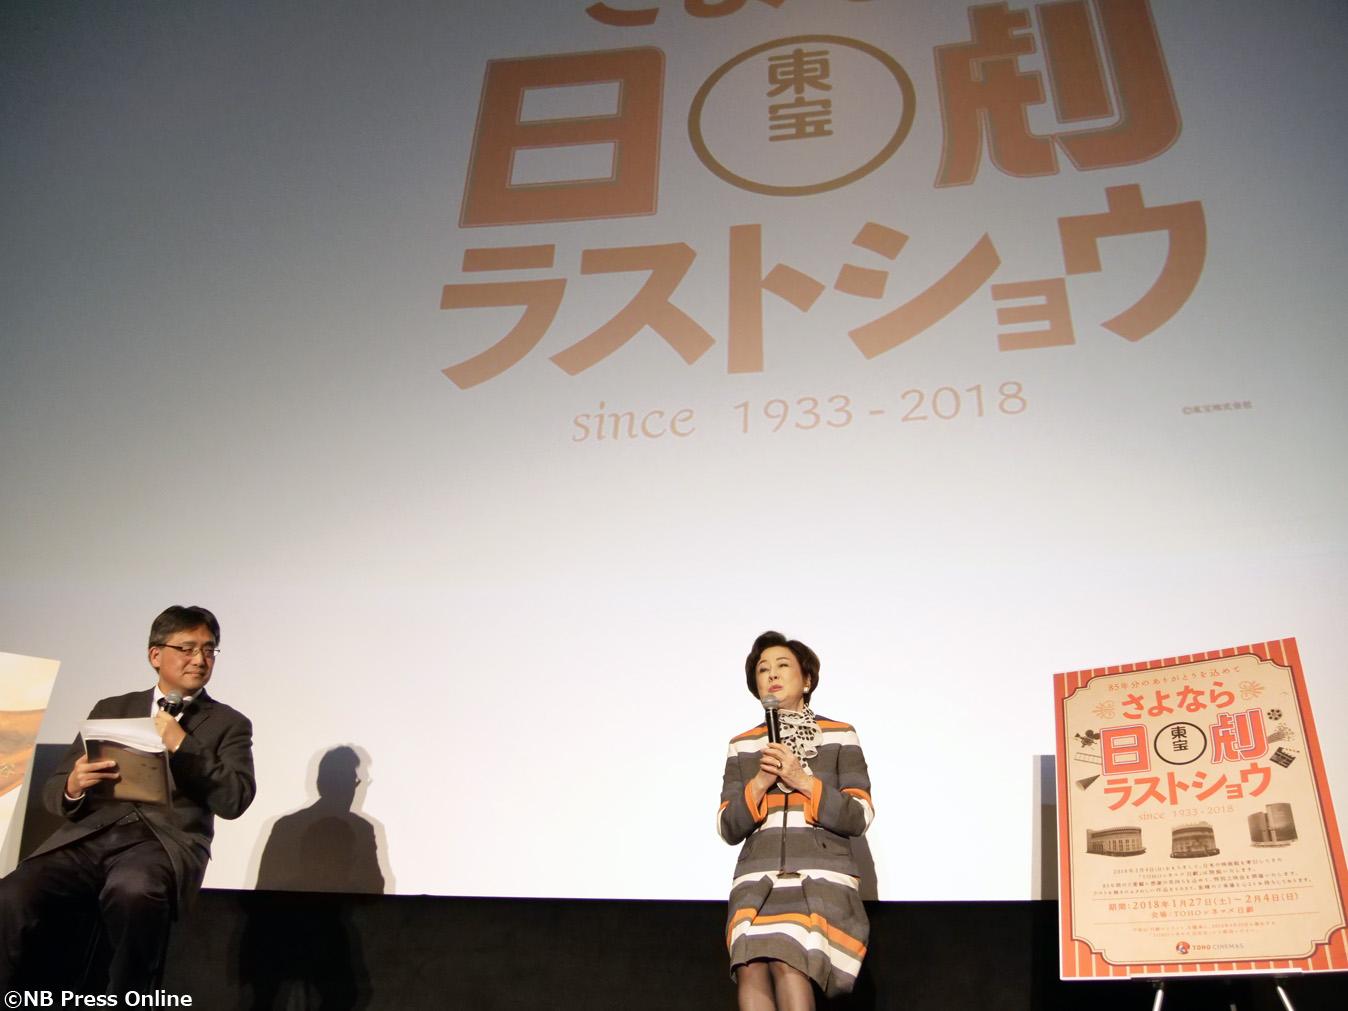 青木眞弥(キネマ旬報 編集長)/司葉子 - 『日劇ラストショウ』